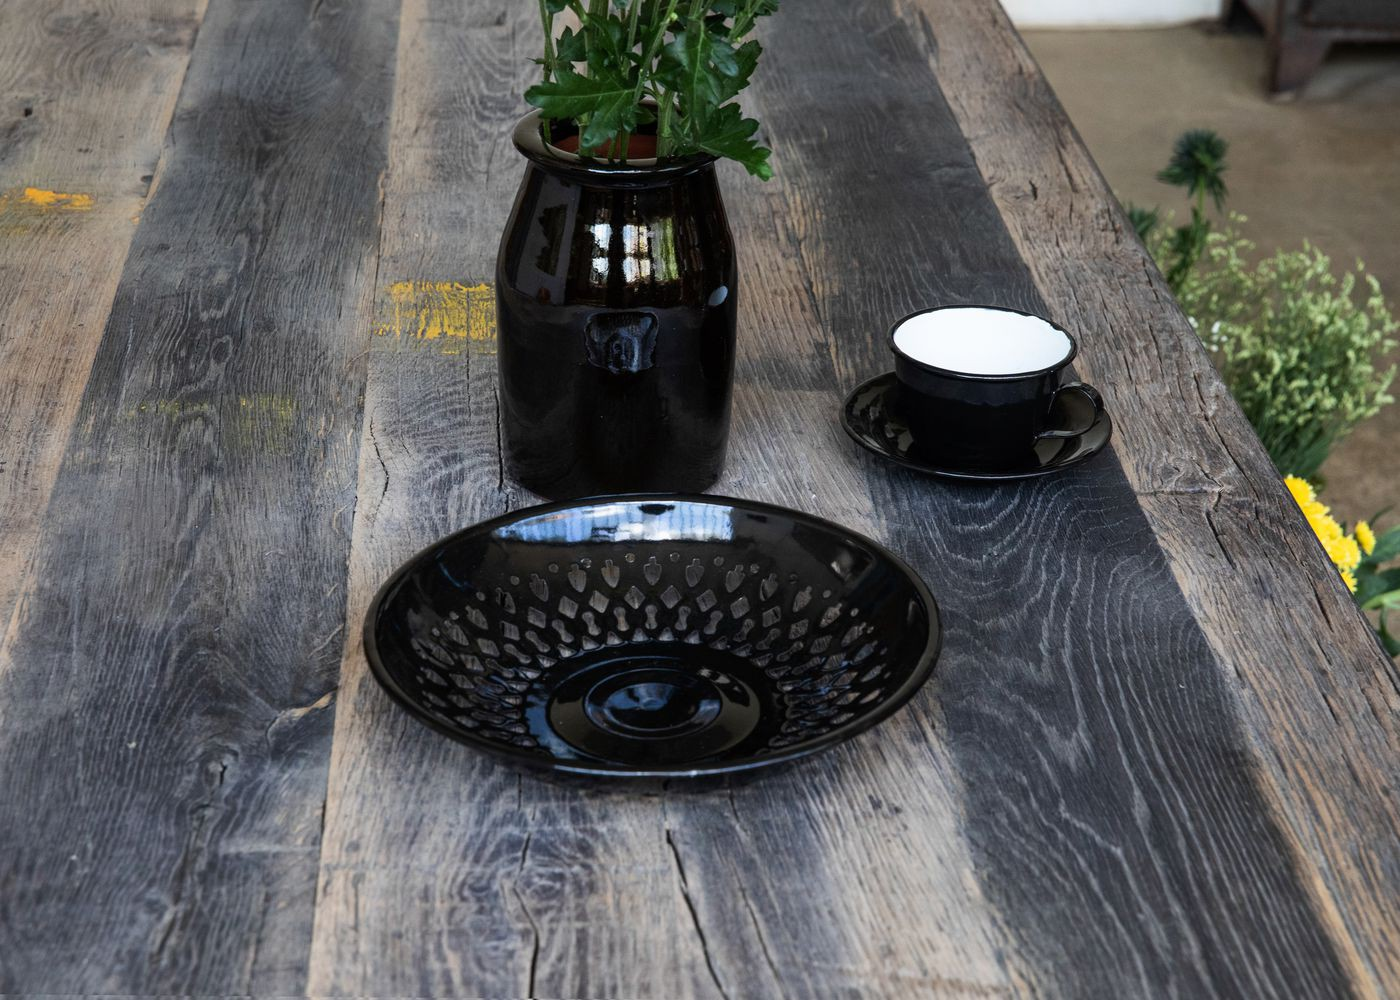 Plateau de table BADEN à partir de vieux fond de wagon chêne non raboté brut lisse, avec touches de peinture - (longueur max 2600mm)